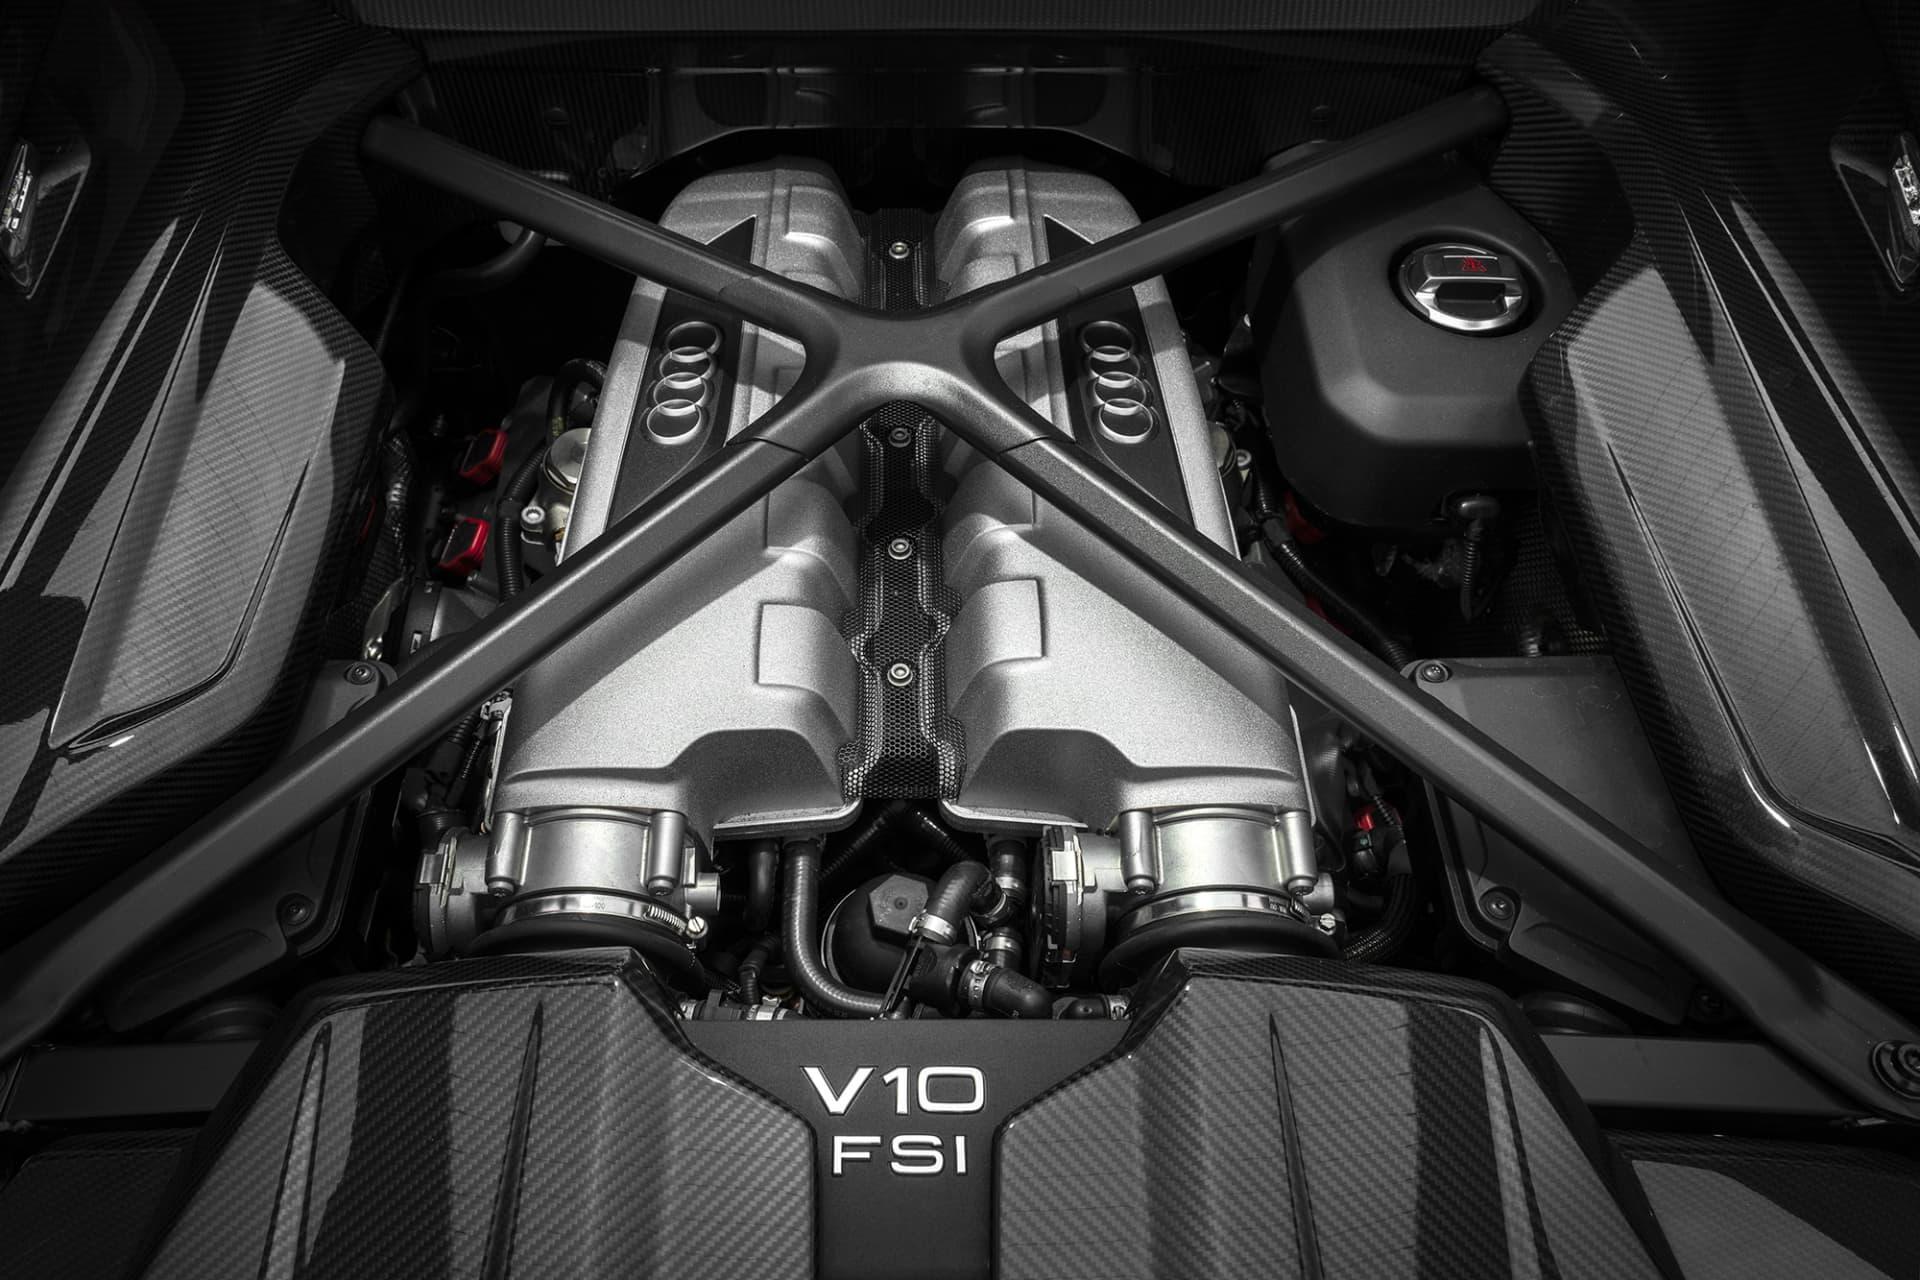 Juvelen och i mitt tycke den mest välljudande maskinen en bil kan ha, den 5,2 liter stora V10 motorn som konstruerats tillsammans med Lamborghini. I R8 utvecklar den 620 hästar och ett fantastiskt soundtrack.